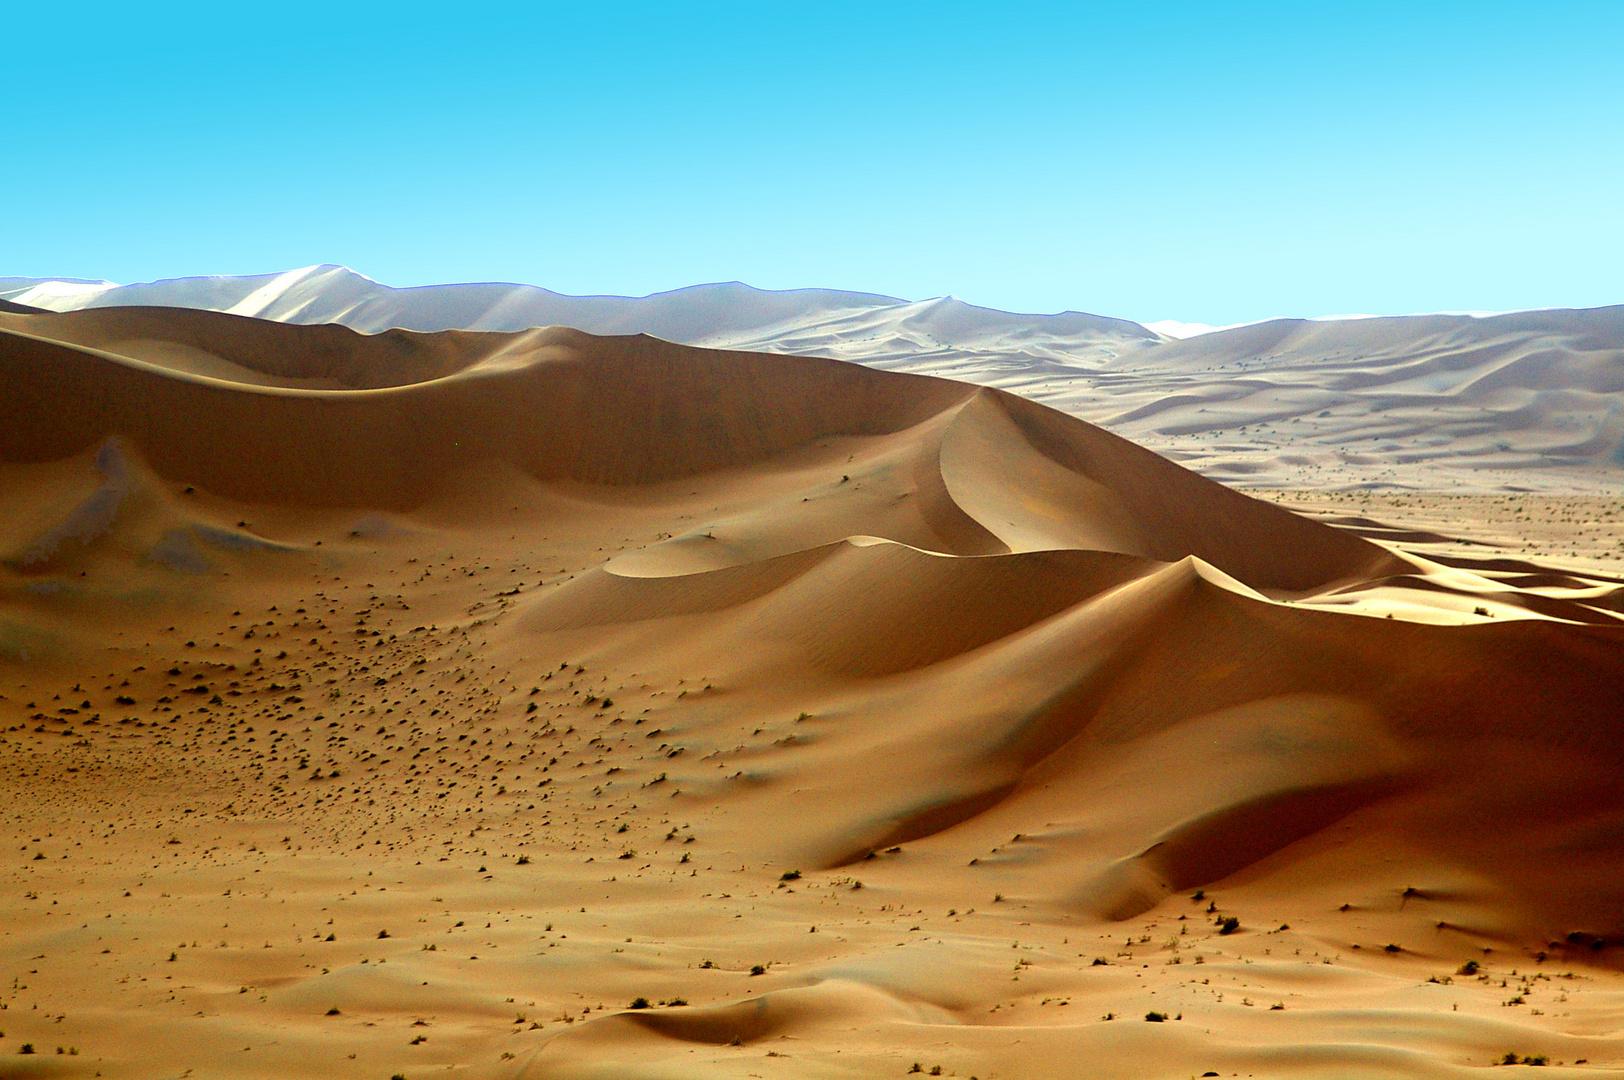 Flug über Dünen